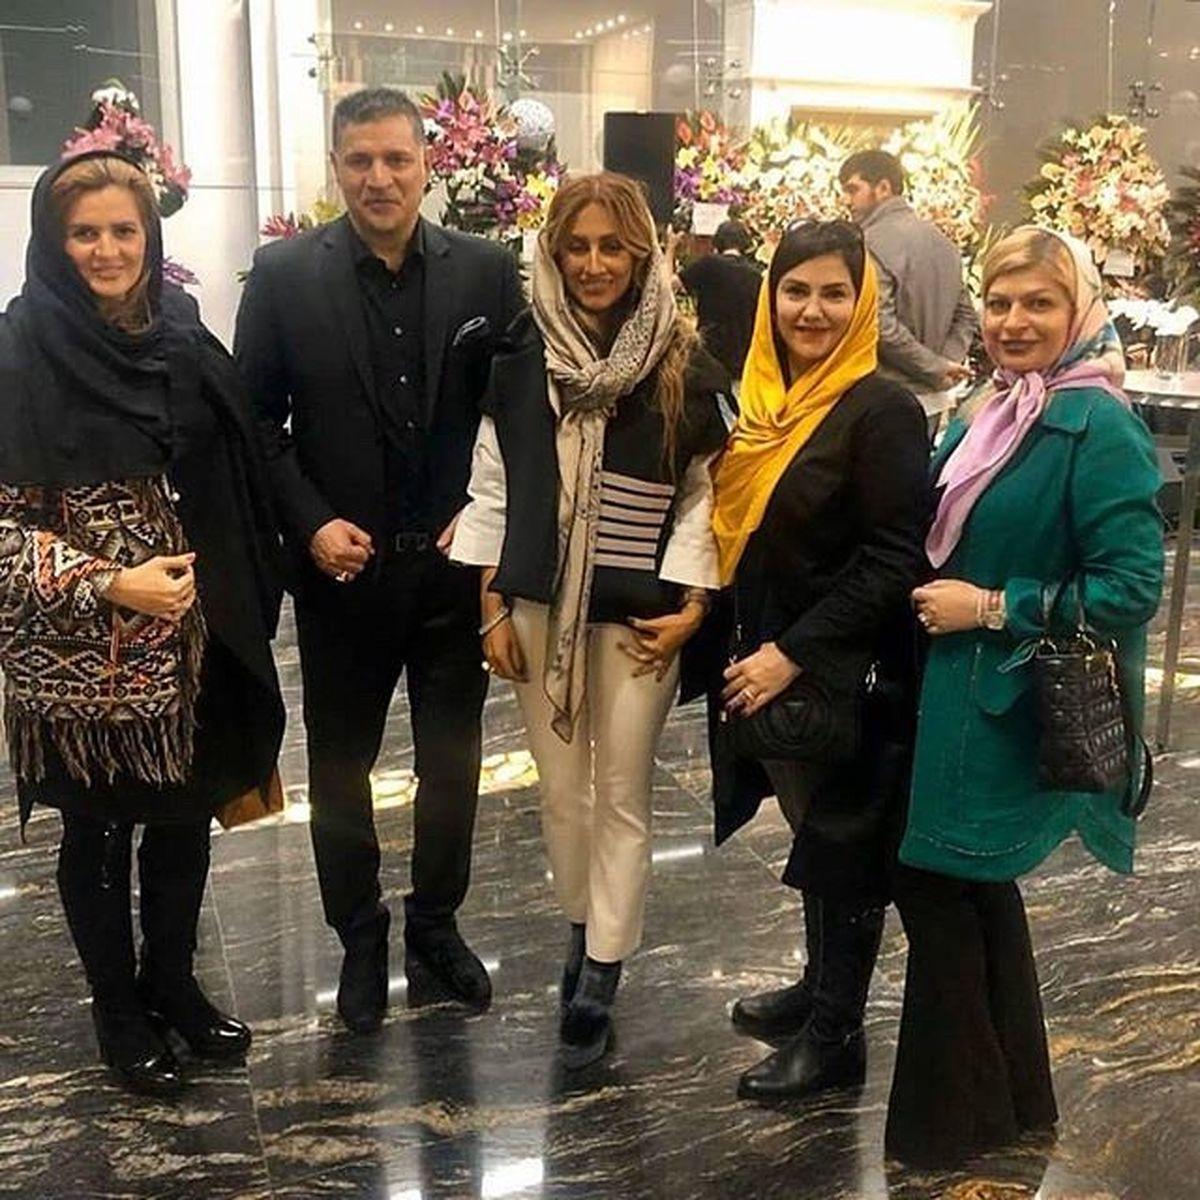 همسر علی دایی با بولیز و شلوار کوتاه و گرانقیمت در هتل + عکس